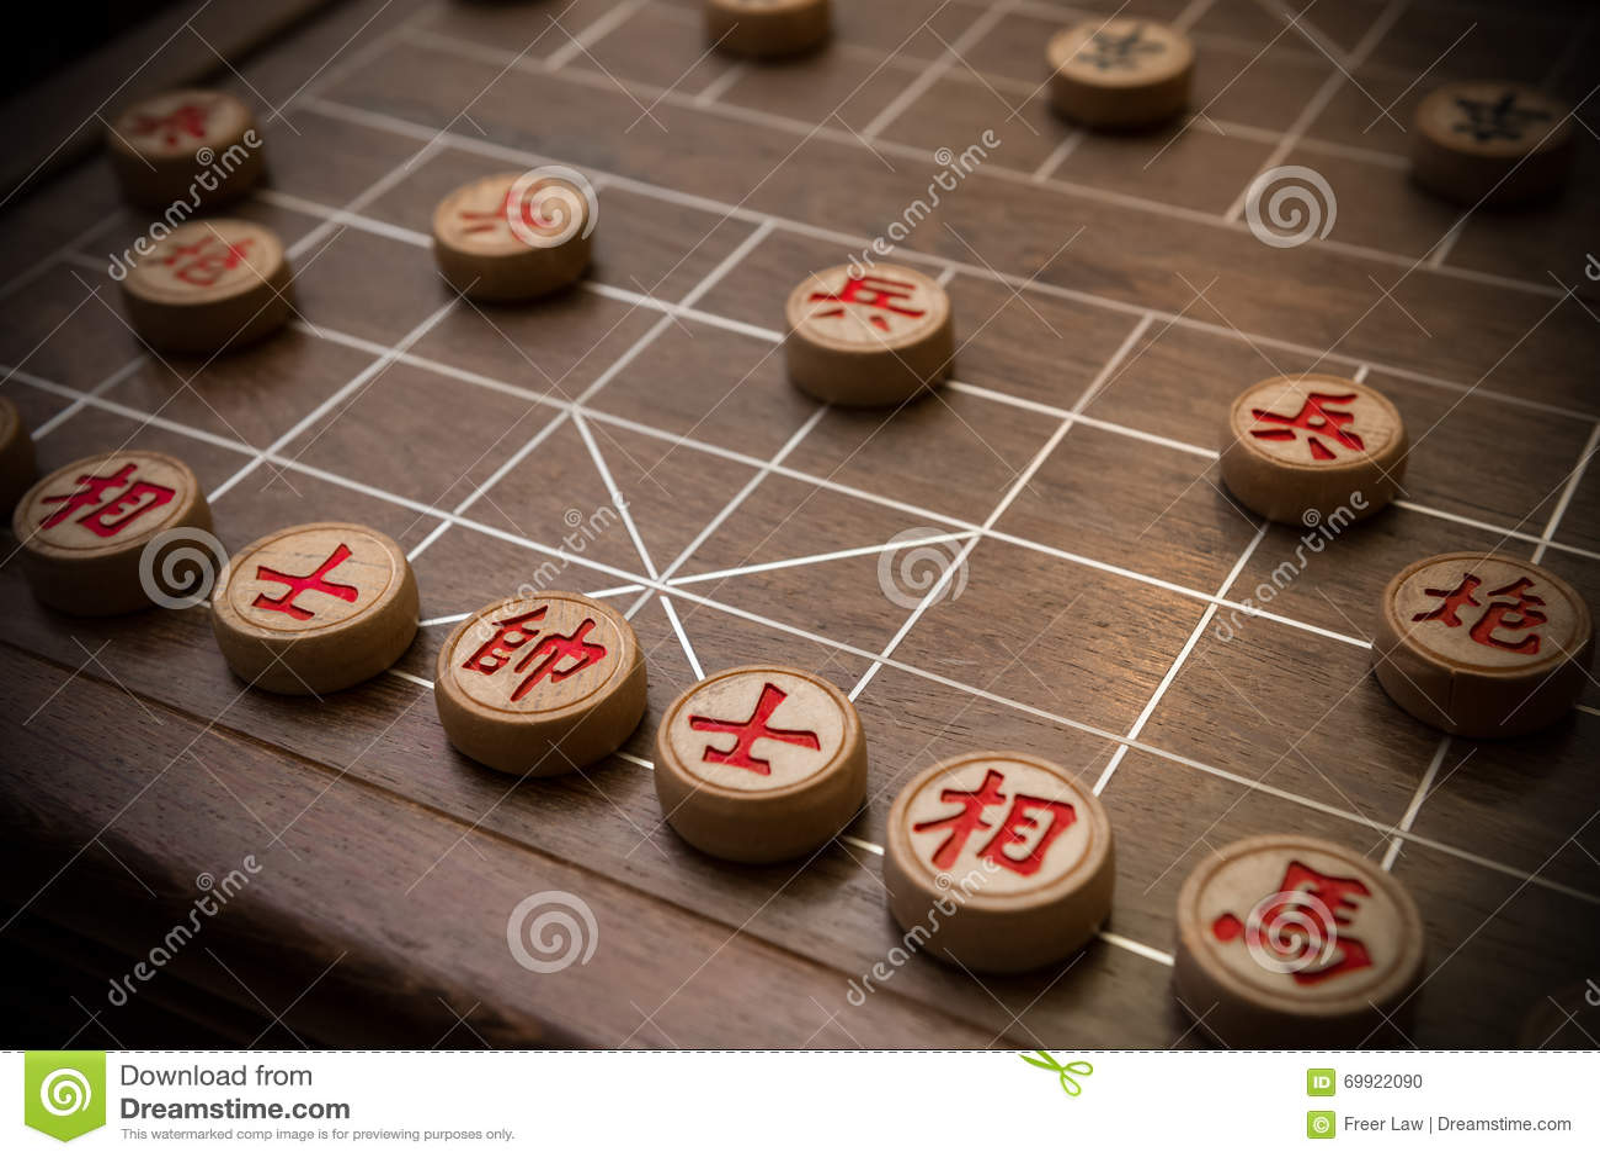 Chinesisches Schach